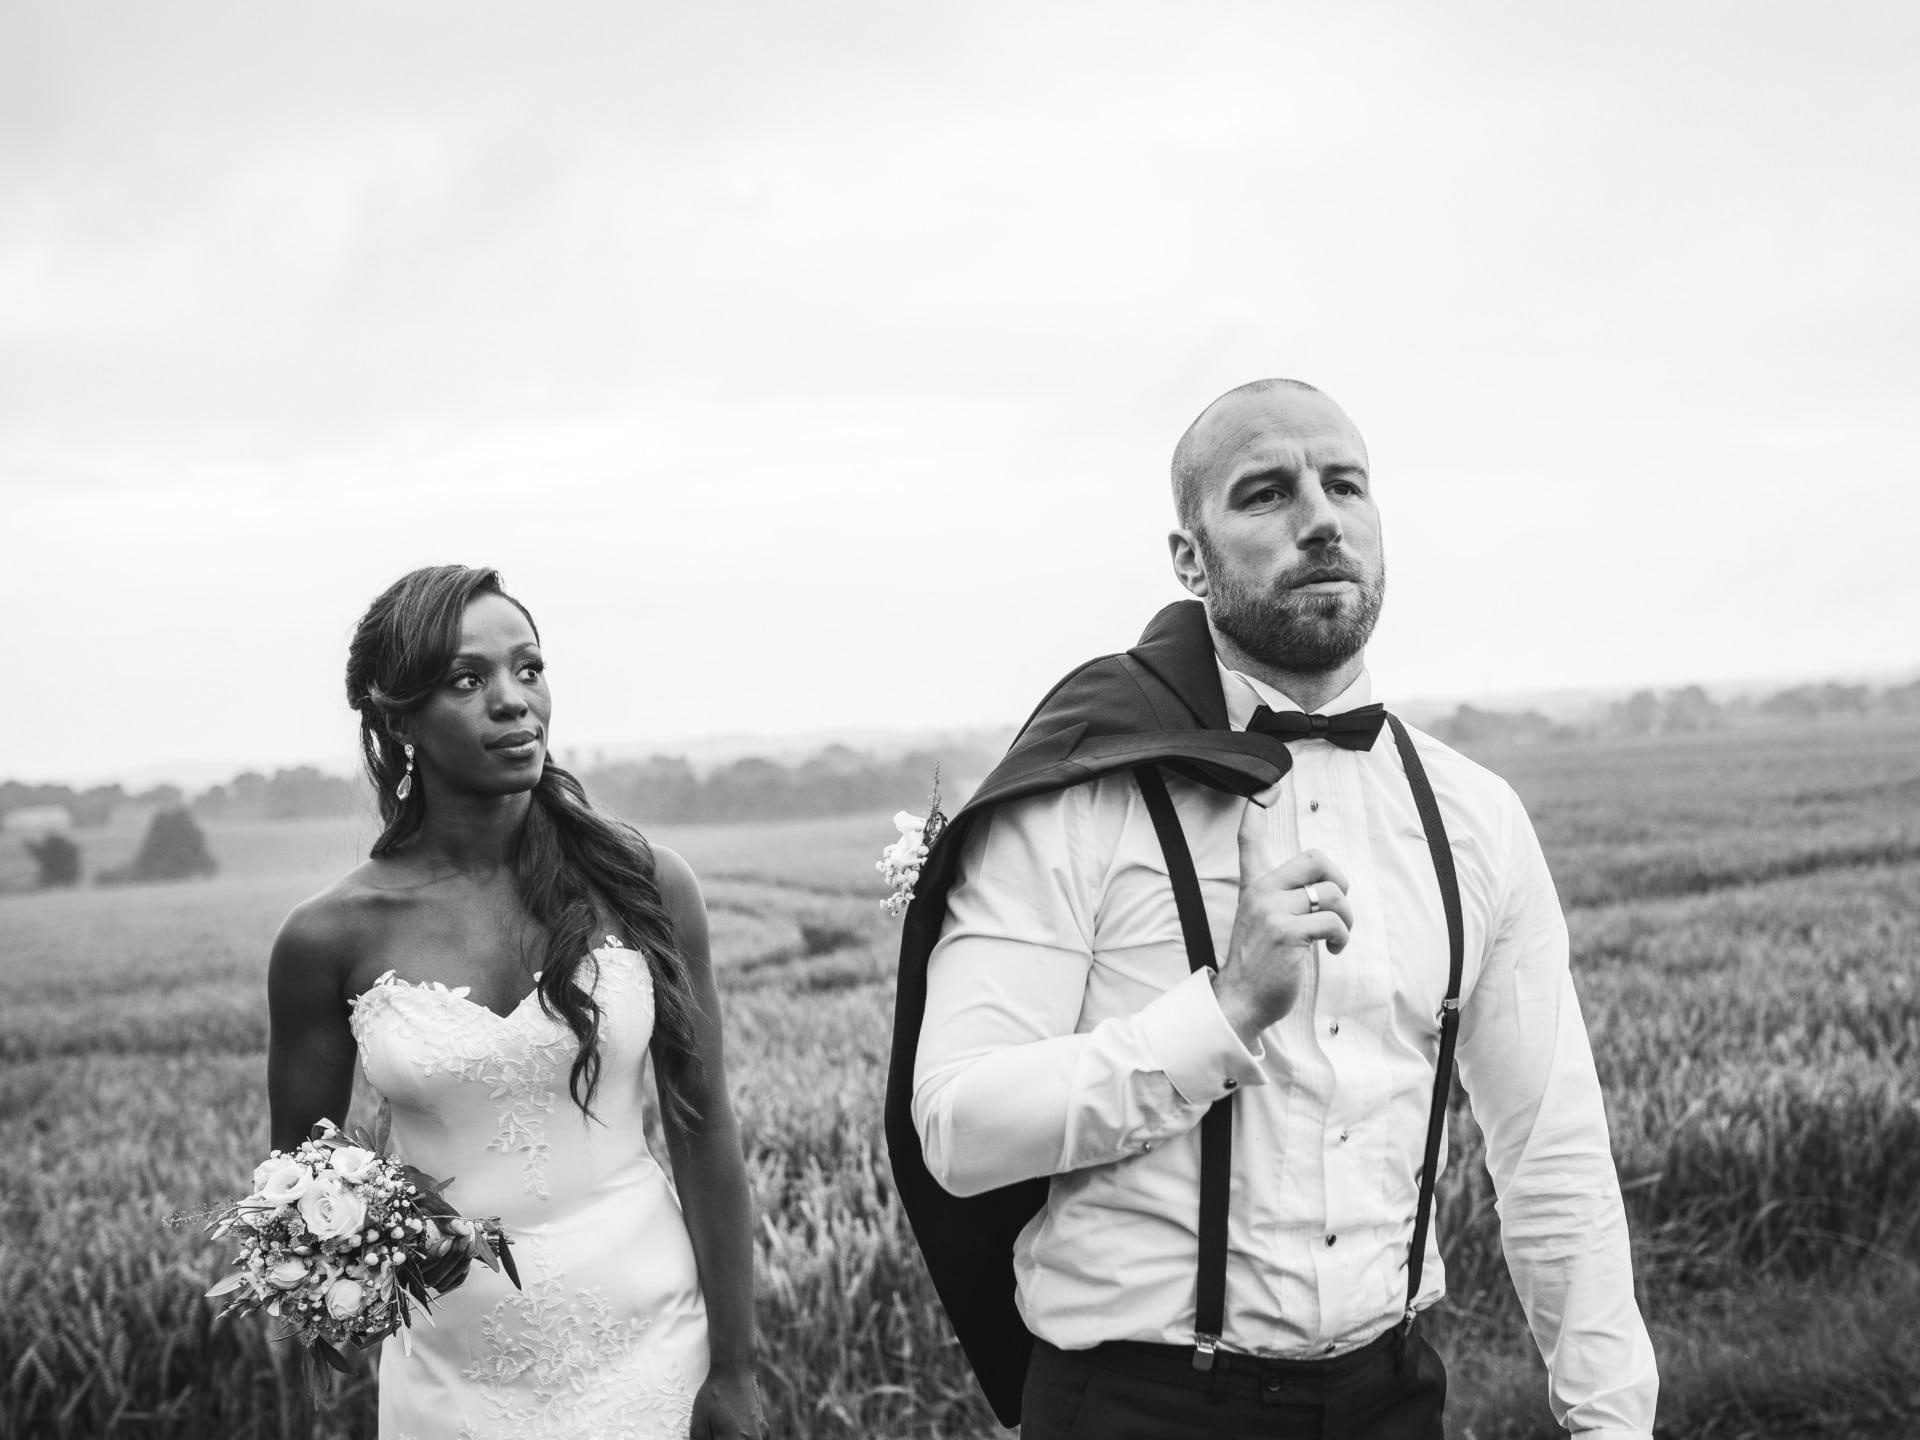 906-Grubenglück-Hochzeitsfotografie-Hochzeitsfotos-gYTSxF6Q